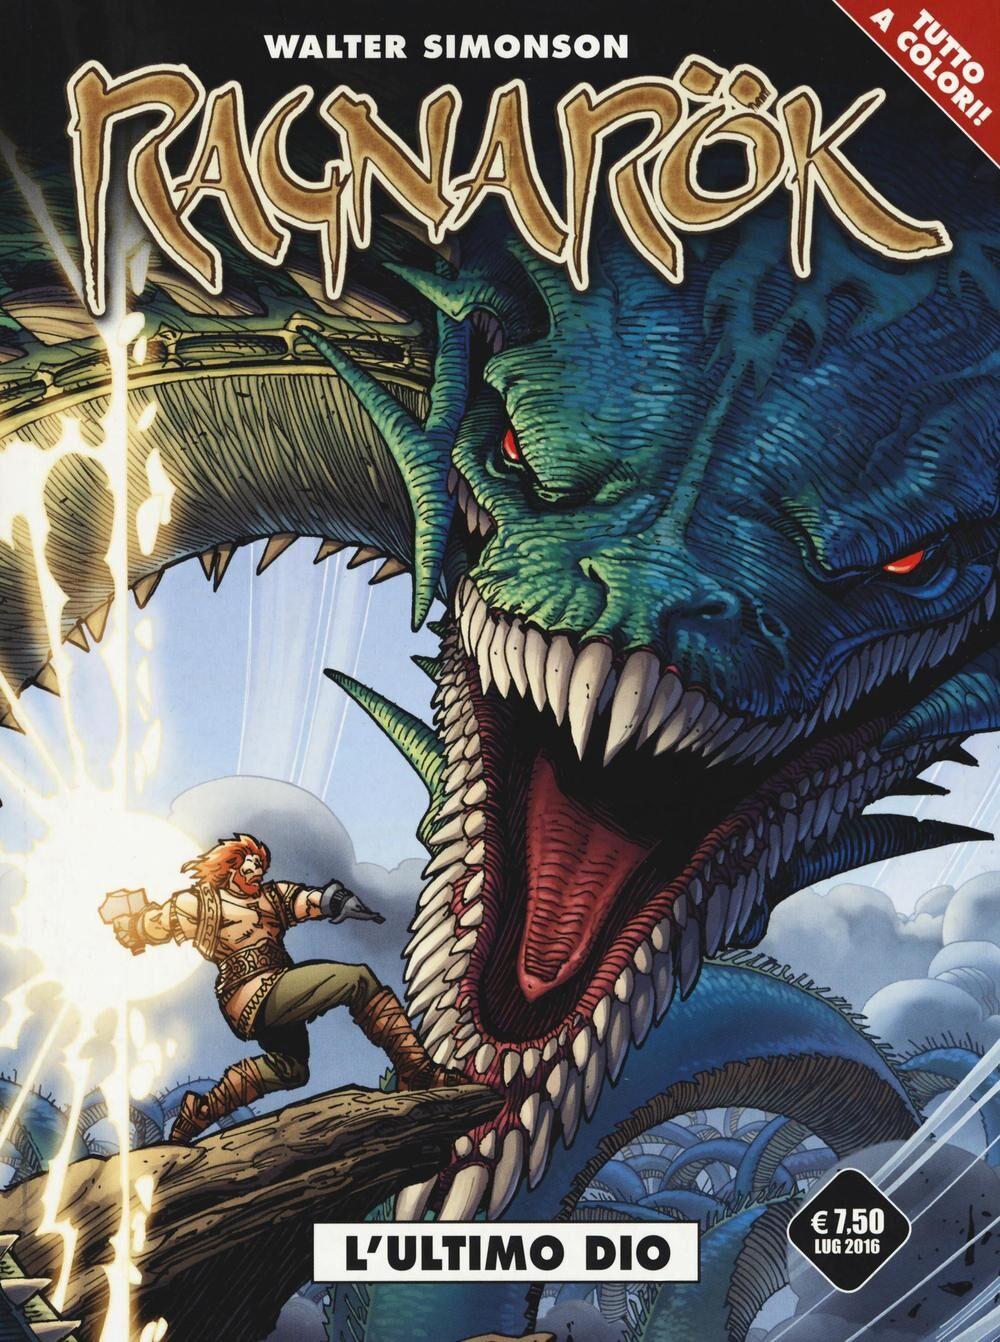 L' ultimo dio. Ragnarok. Vol. 1